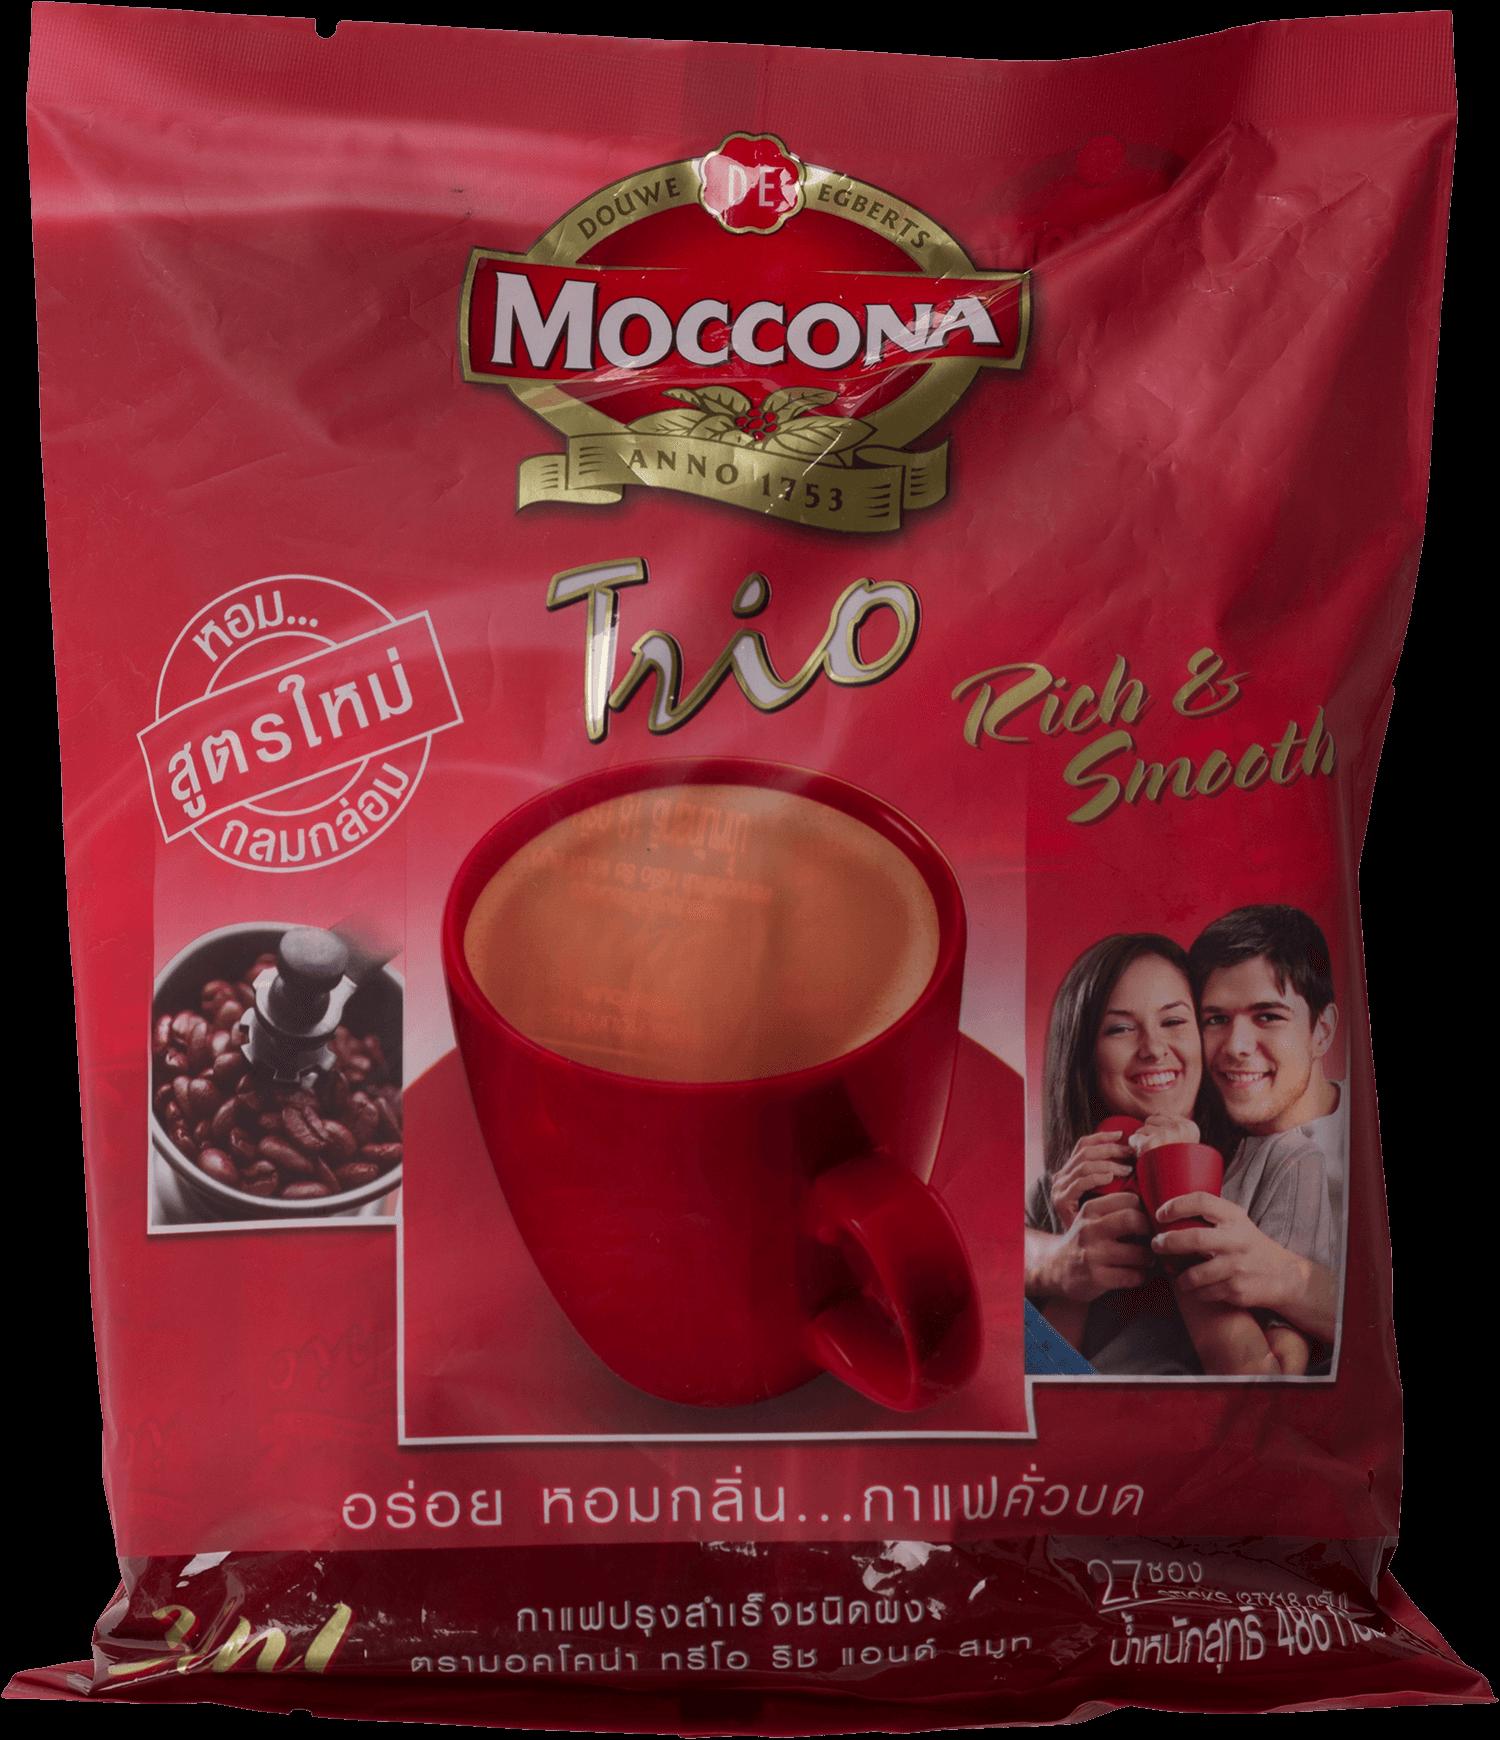 กาแฟ มอคโคน่า ทรีโอ 3in1   Rich& Smooth